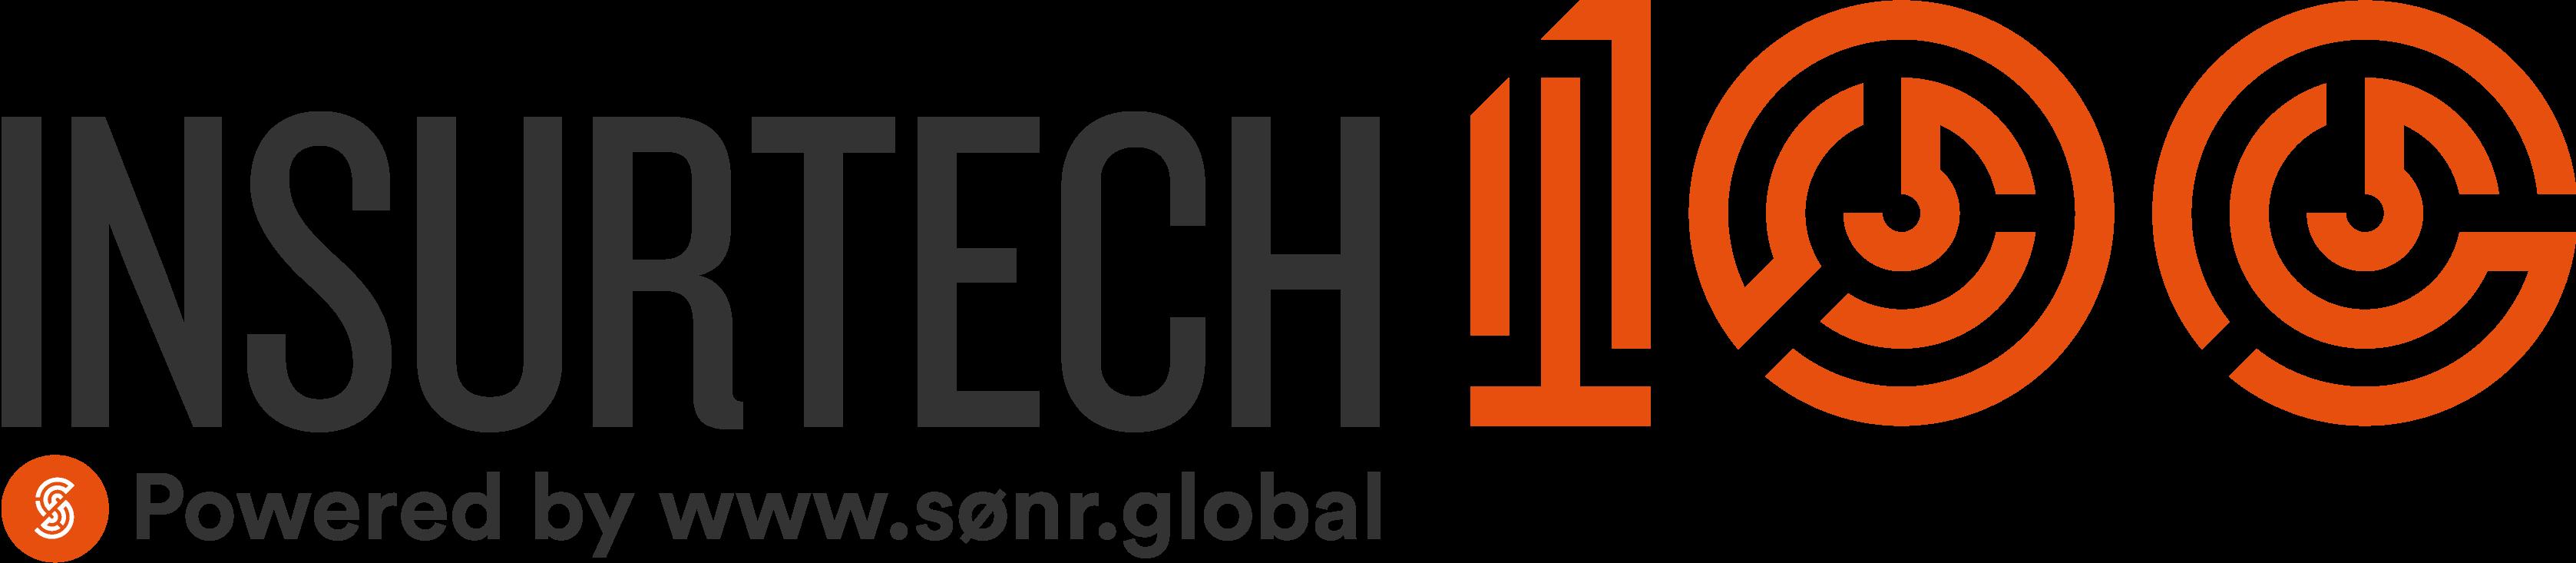 European startup activity